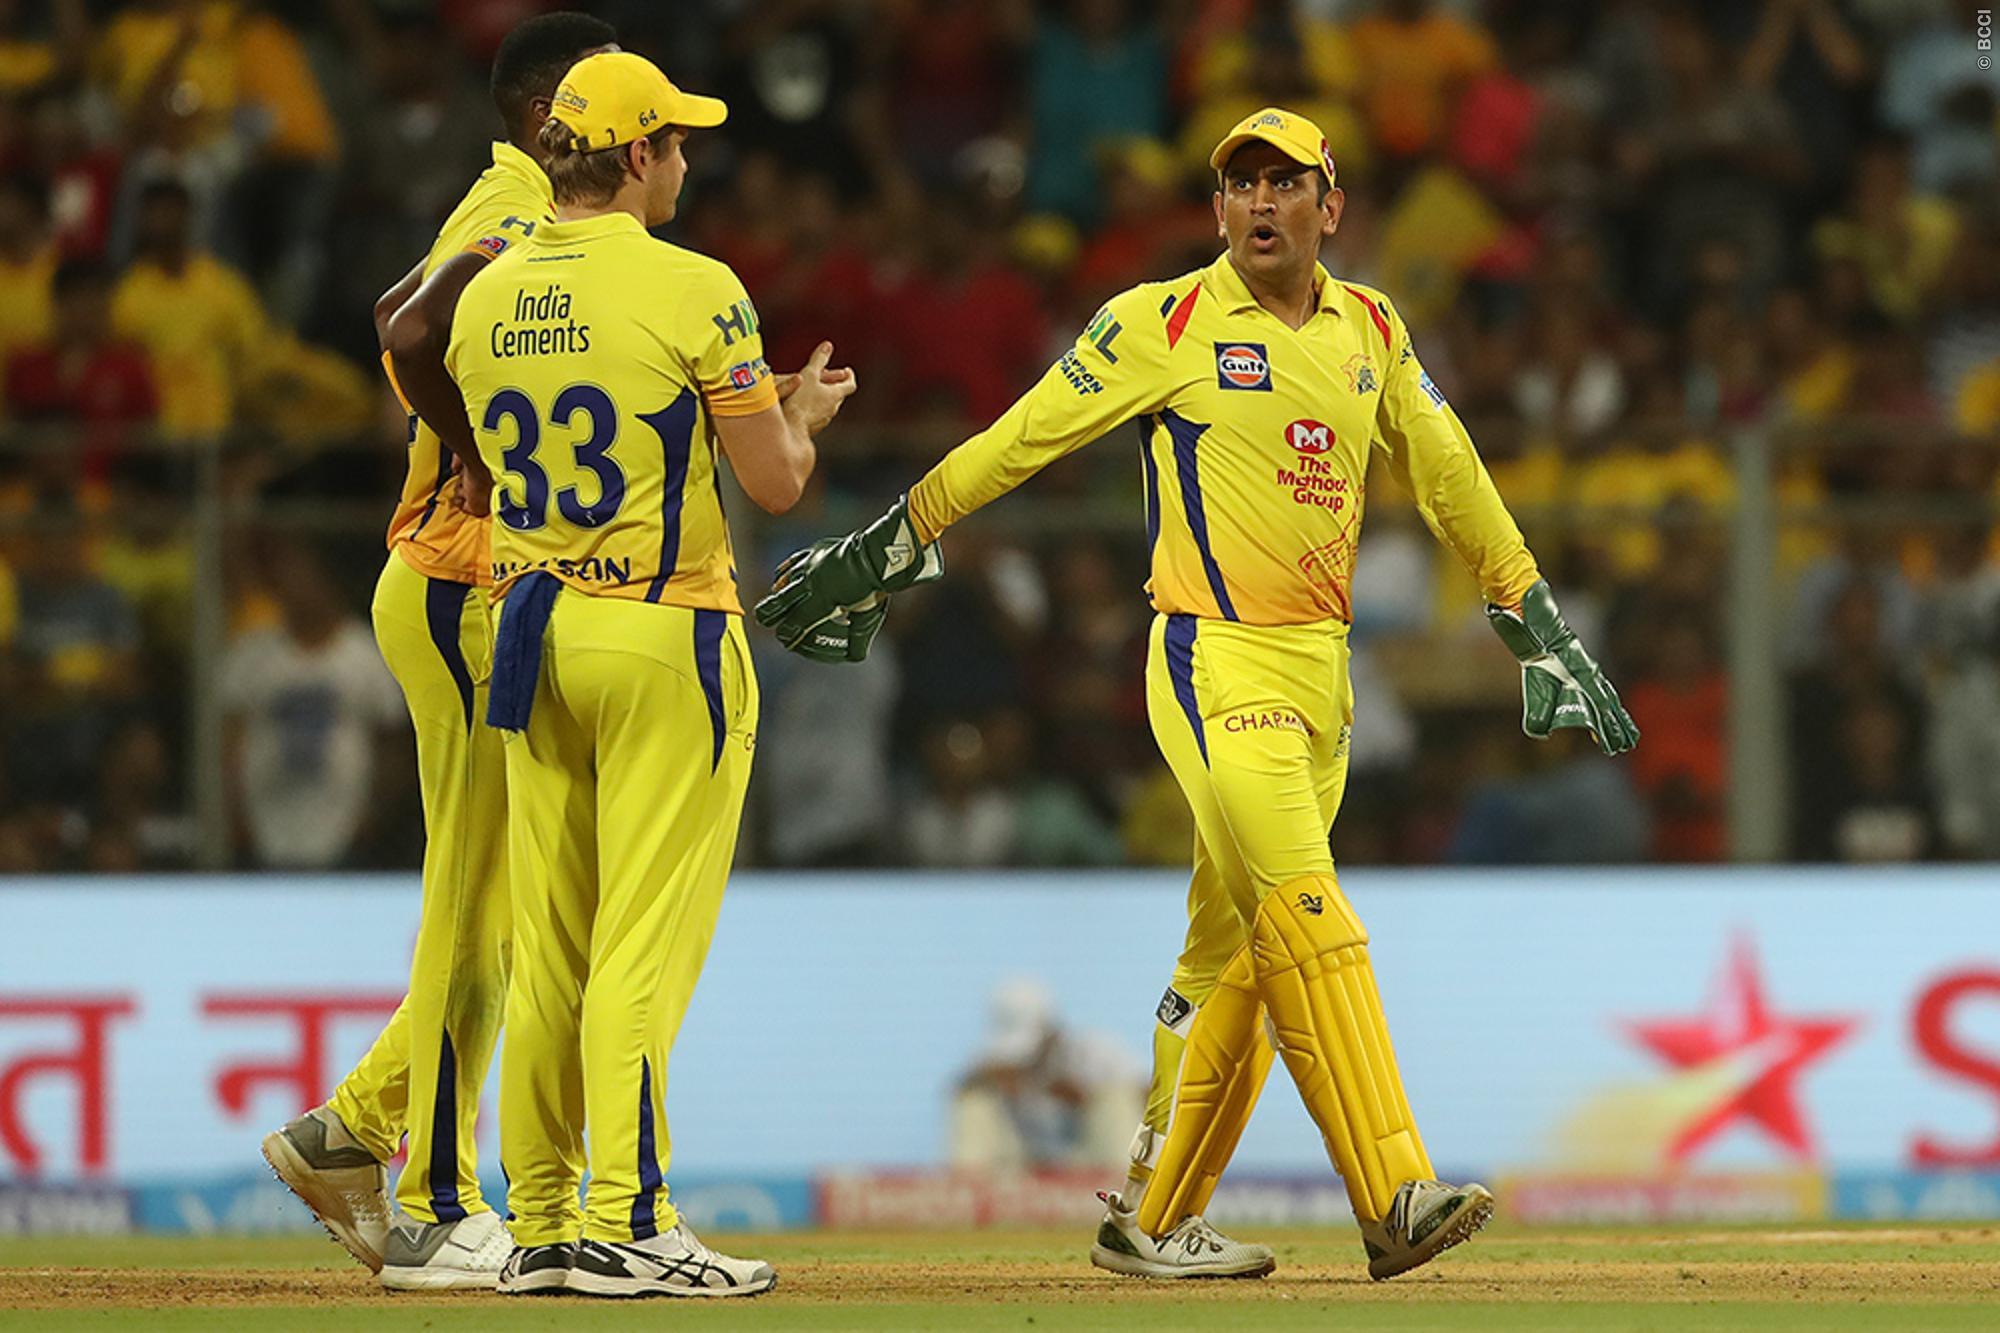 IPL 2018: धोनी को नहीं मिला बल्लेबाजी का मौका लेकिन दिग्गज ने बना डाला टी-20 का सबसे बड़ा रिकॉर्ड